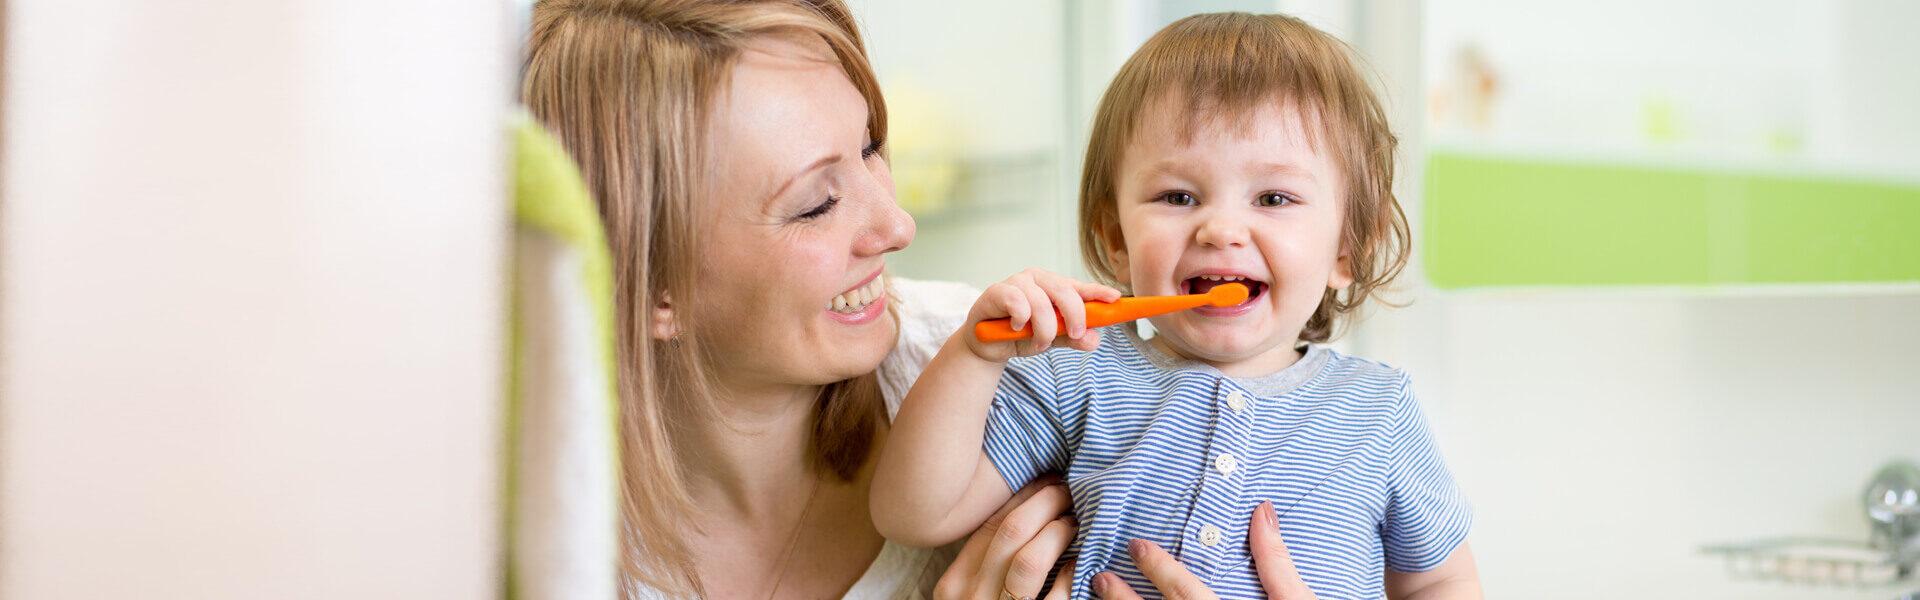 Home Dental Care Education in Lexington, MA